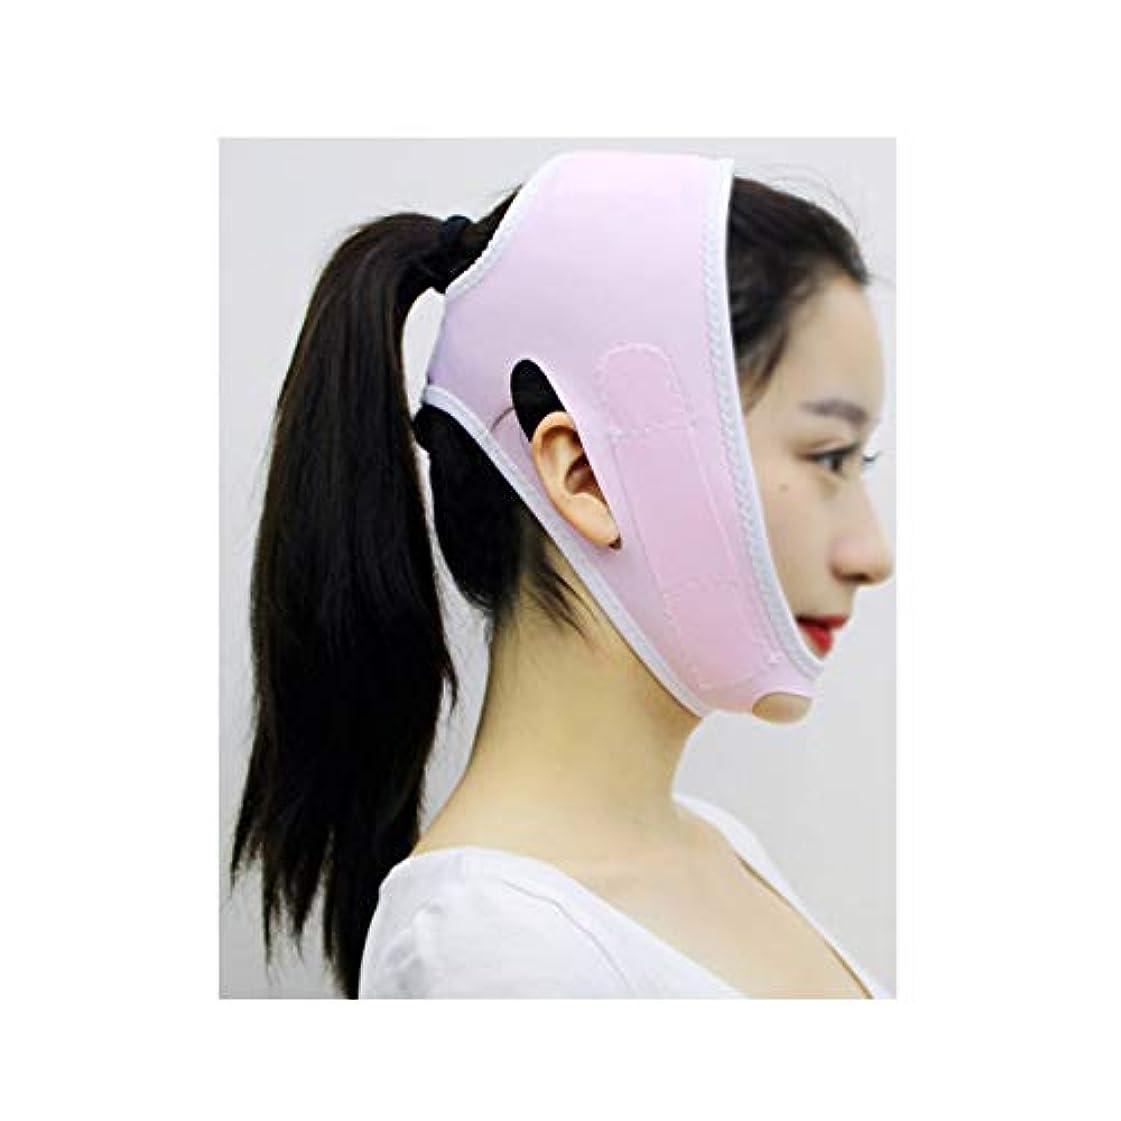 人口震える一元化するTLMY フェイシャルリフティングマスクあごストラップ修復包帯ヘッドバンドマスクフェイスリフティングスモールVフェイスアーティファクト型美容弾性フェイシャル&ネックリフティング 顔用整形マスク (Color : Pink)